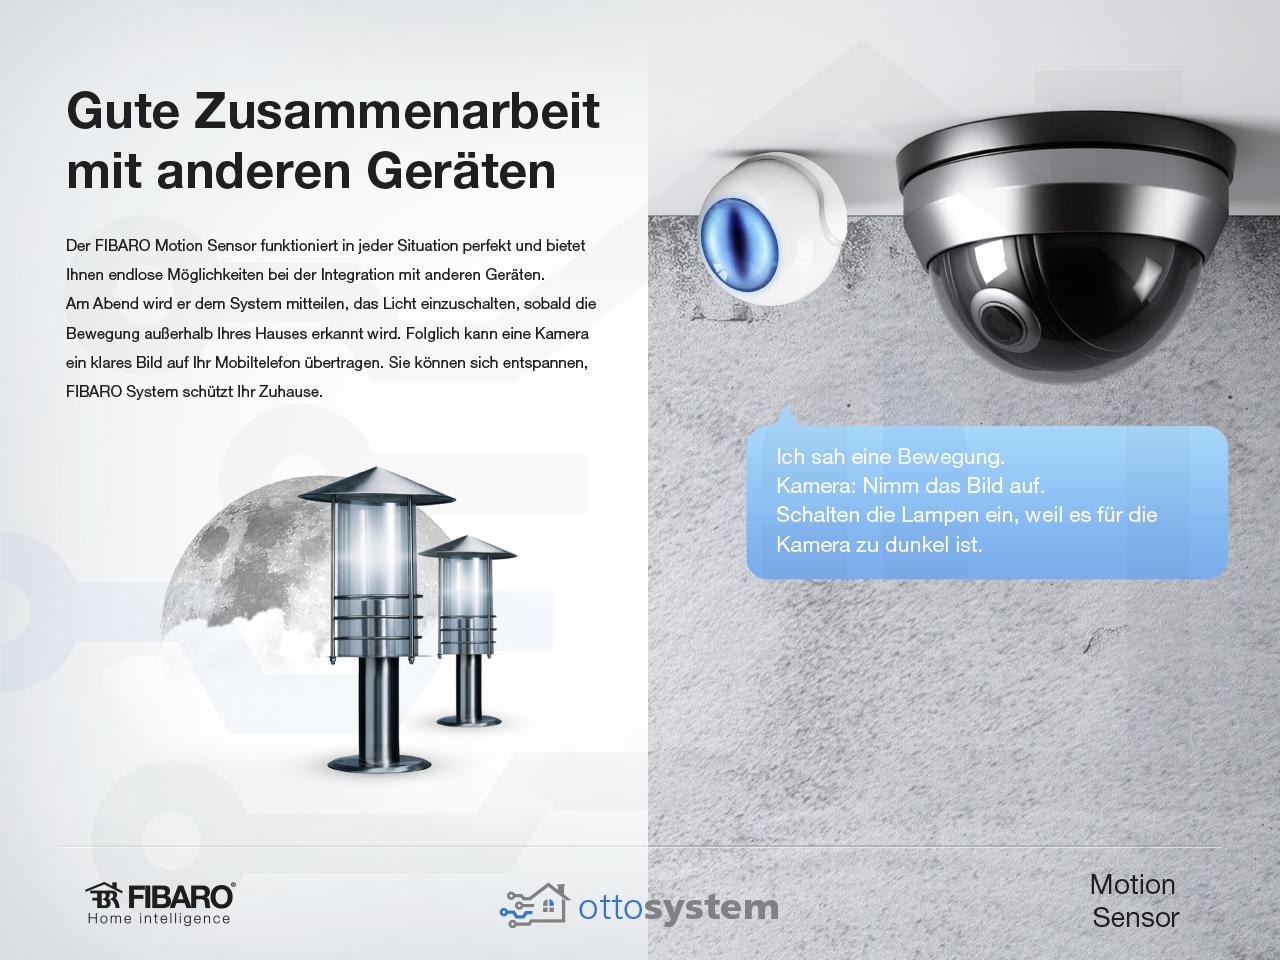 Praesentation-MotionSensor-ottosystem-18